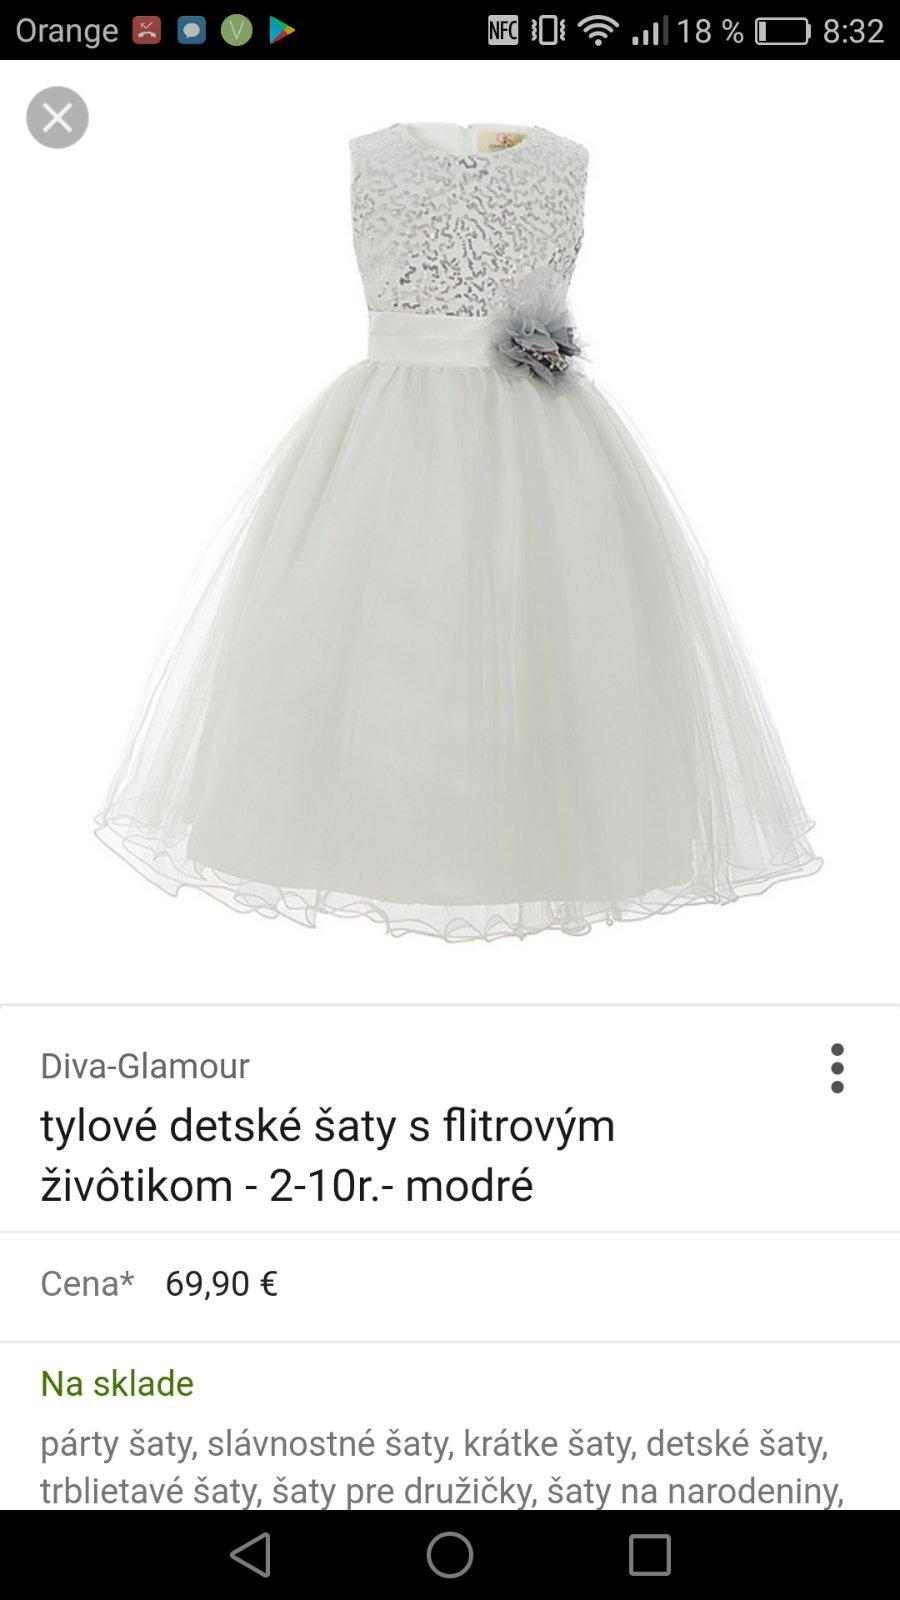 bec19376dcec Súrne zháňam šaty na svadbu - Modrý koník